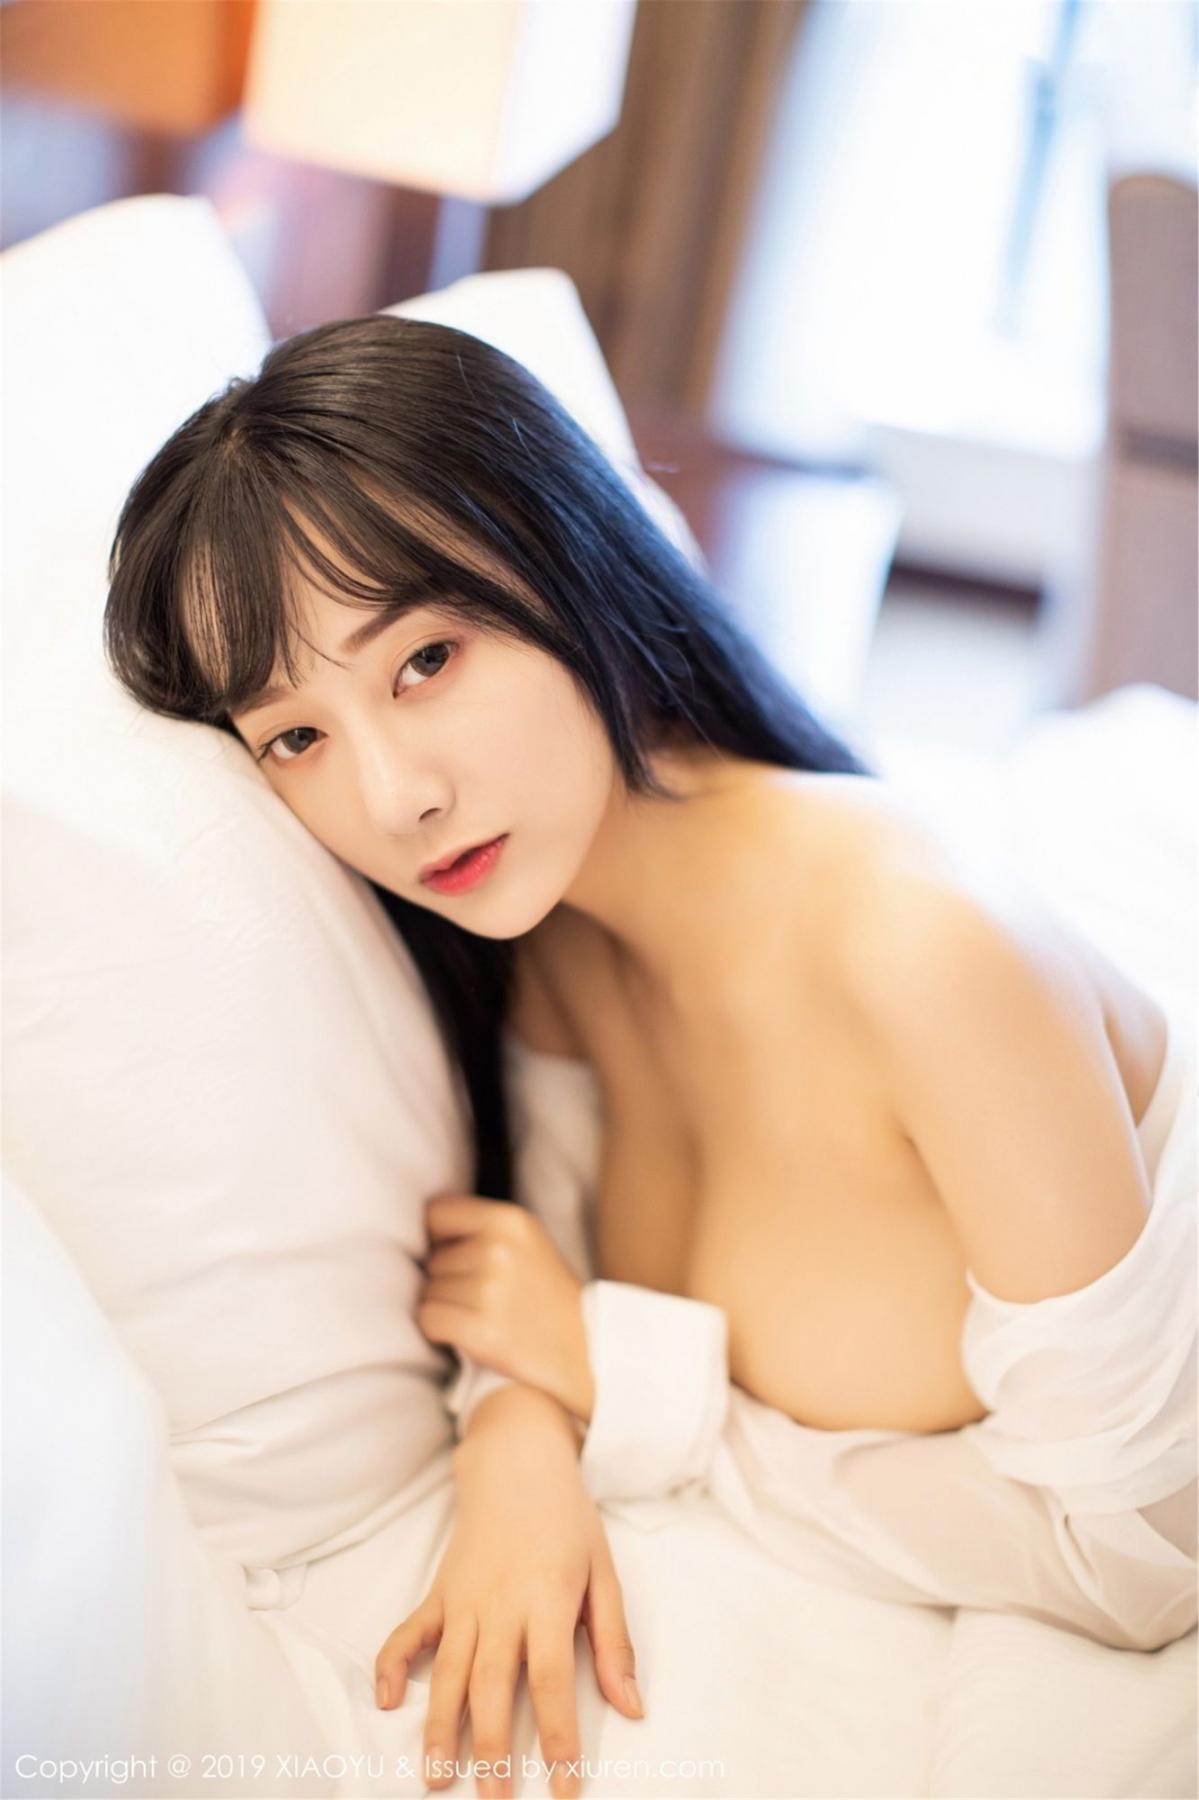 [XiaoYu] Vol.076 He Jia Ying 36P, He Jia Ying, Underwear, XiaoYu